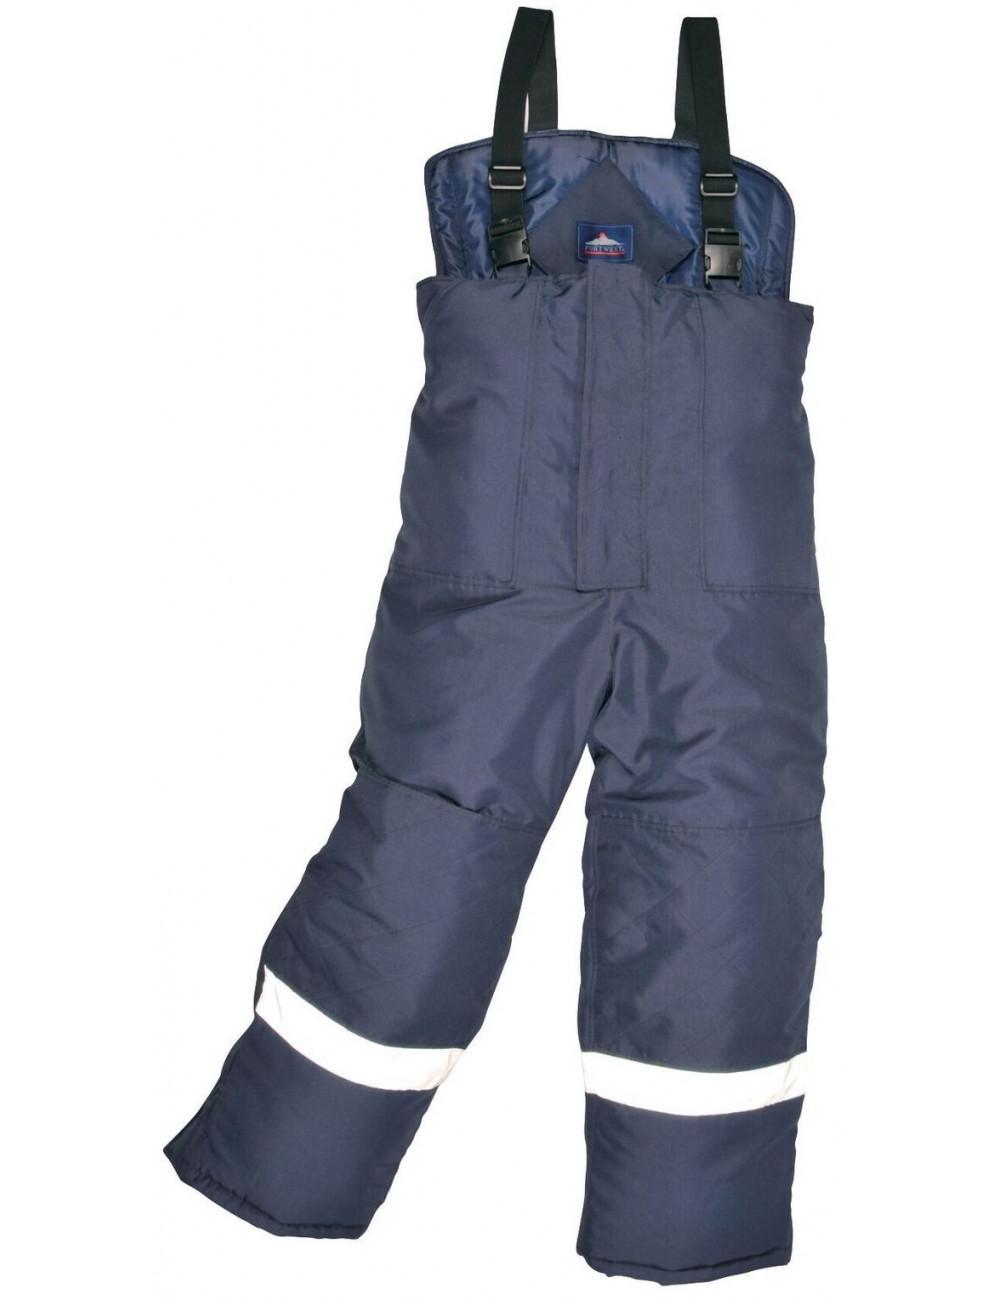 Spodnie ogrodniczki COLDSTORE CS-11idealne do pracy w mroźniach lub chłodniach. Ochrona do -40 st.C!